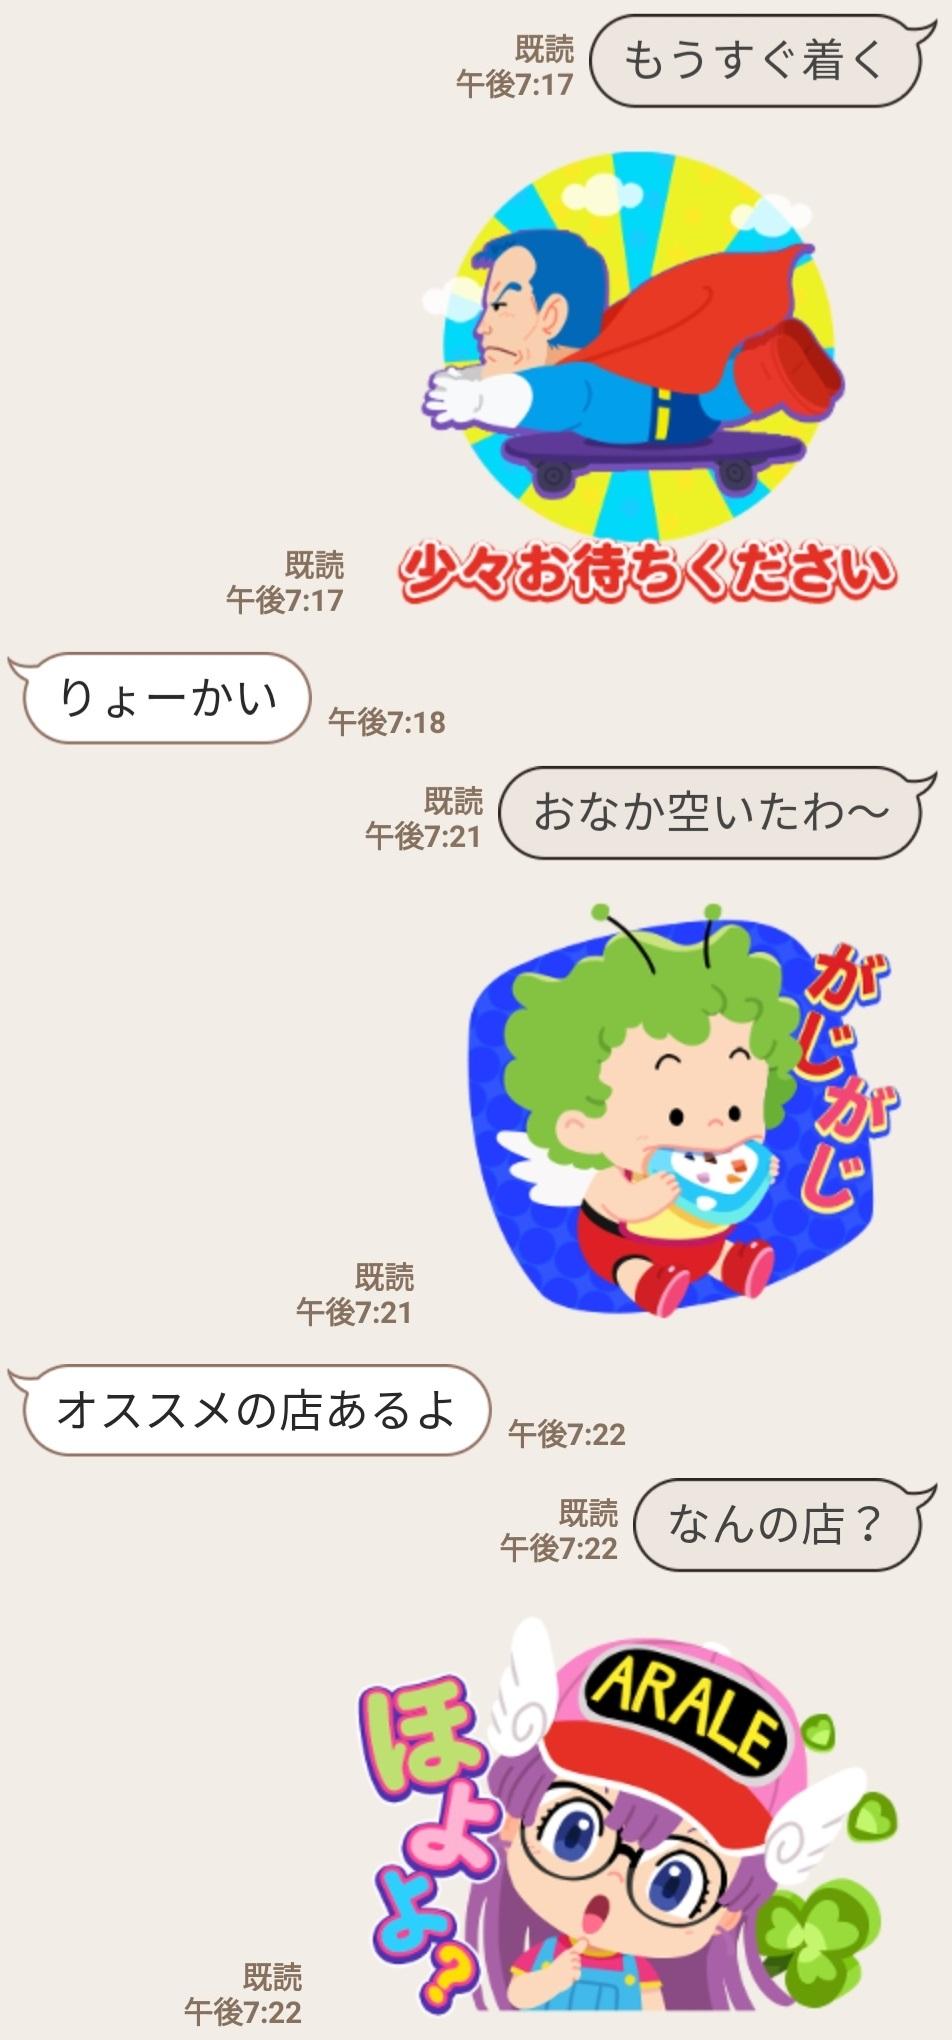 ポコポコ アラレ ちゃん